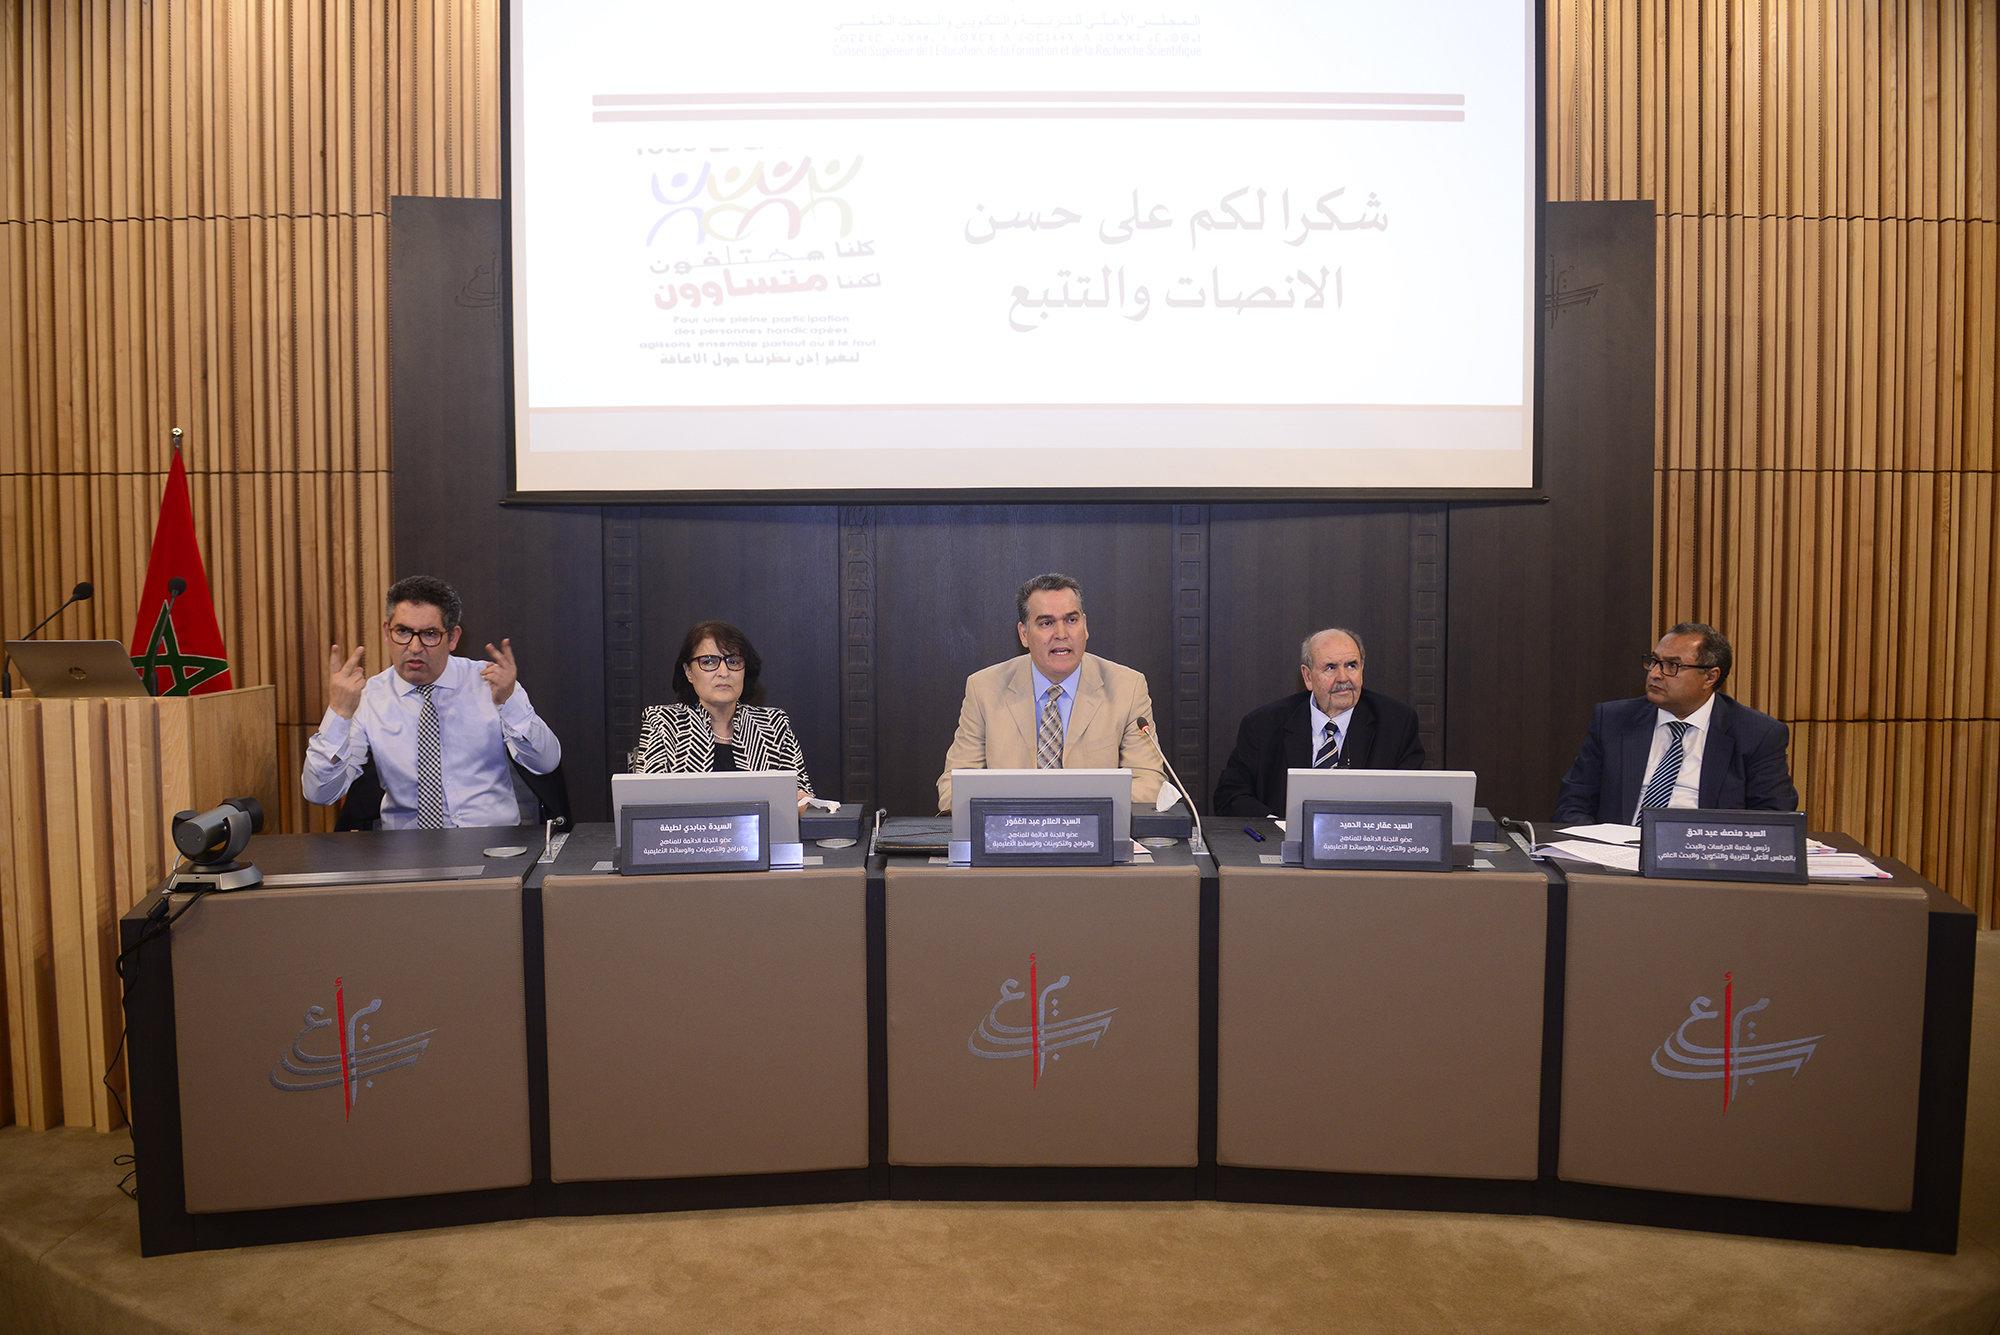 لقاء تواصلي  المجلس الأعلى للتربية والتكوين والبحث العلمي يُقدّممشروع رأي في موضوع: